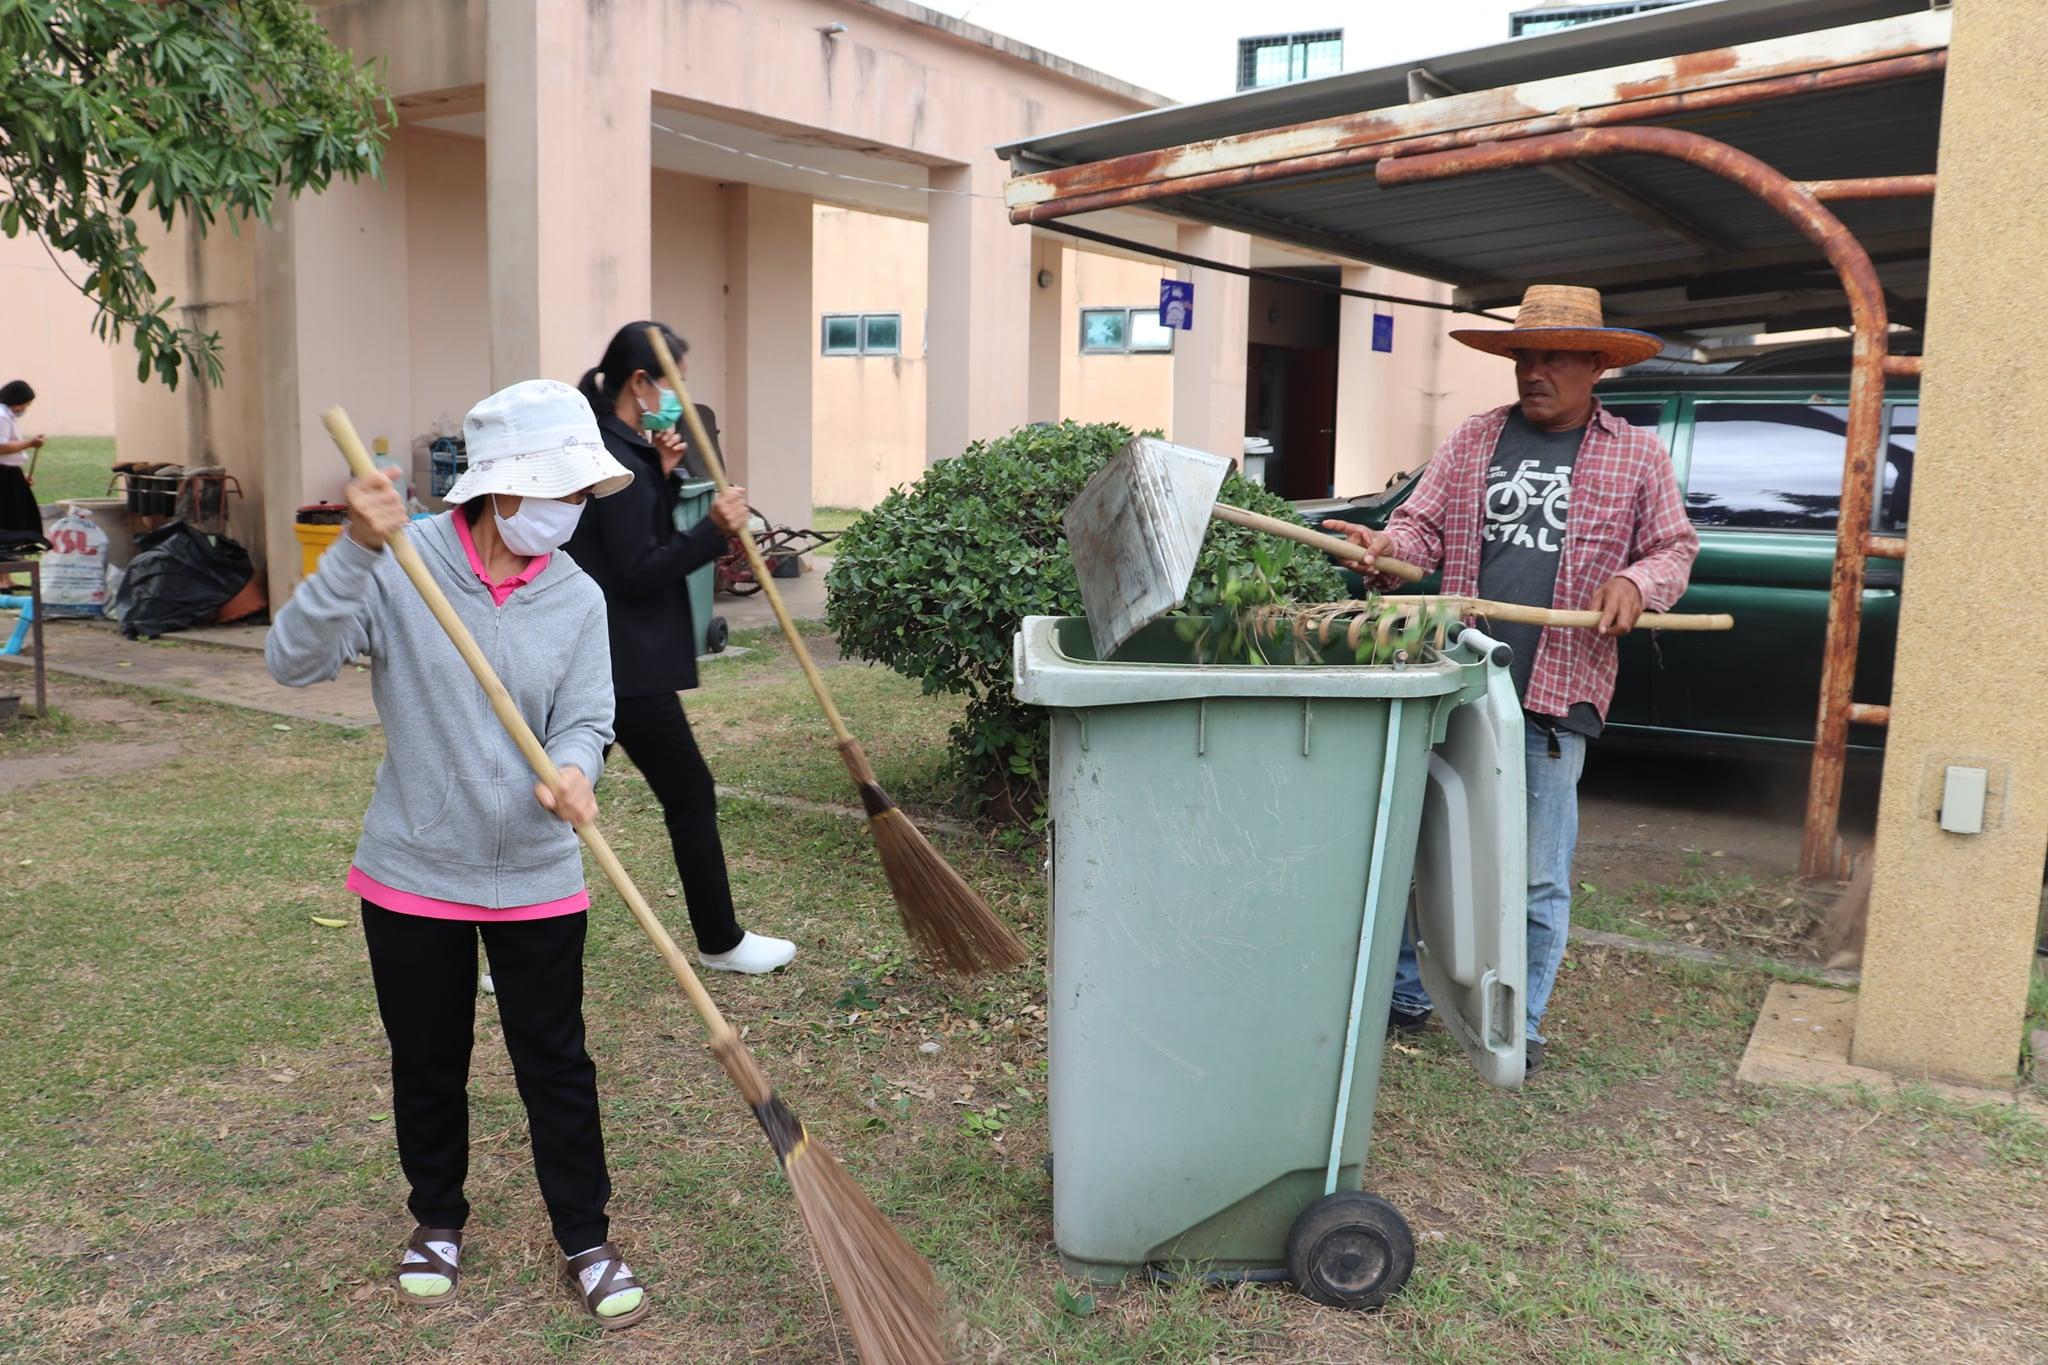 กิจกรรม   Big Cleaning Day   ประจำวันอาทิตย์ที่ ๒๙ พฤศจิกายน ๒๕๖๓